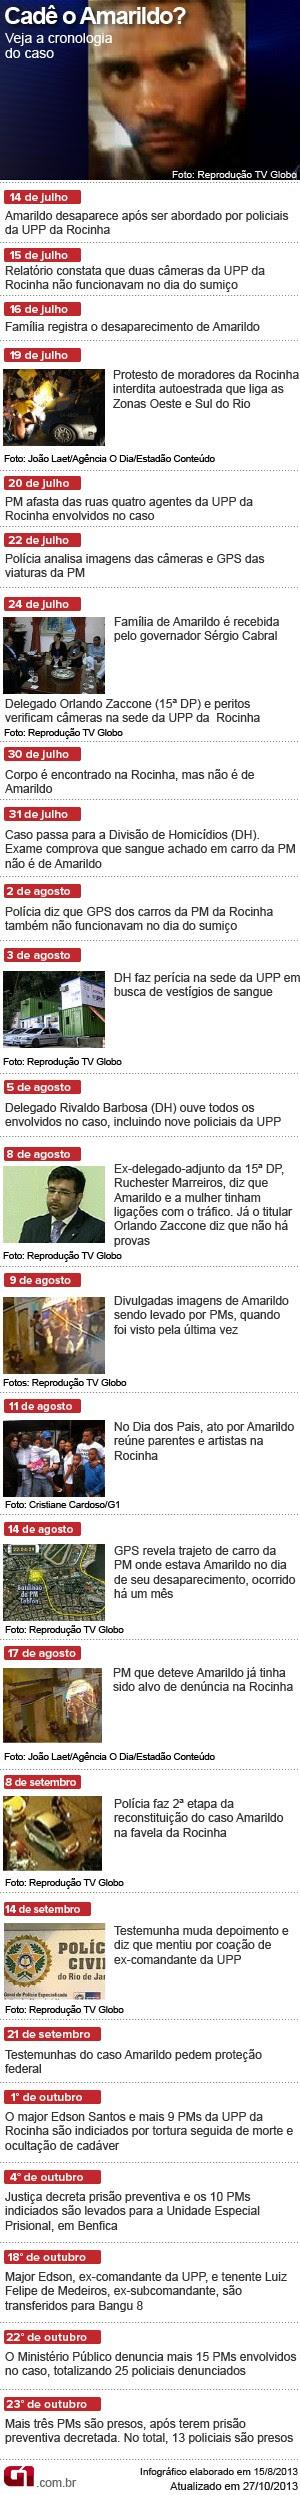 Cronologia do caso Amarildo arte  (Foto: Editoria de arte / G1)